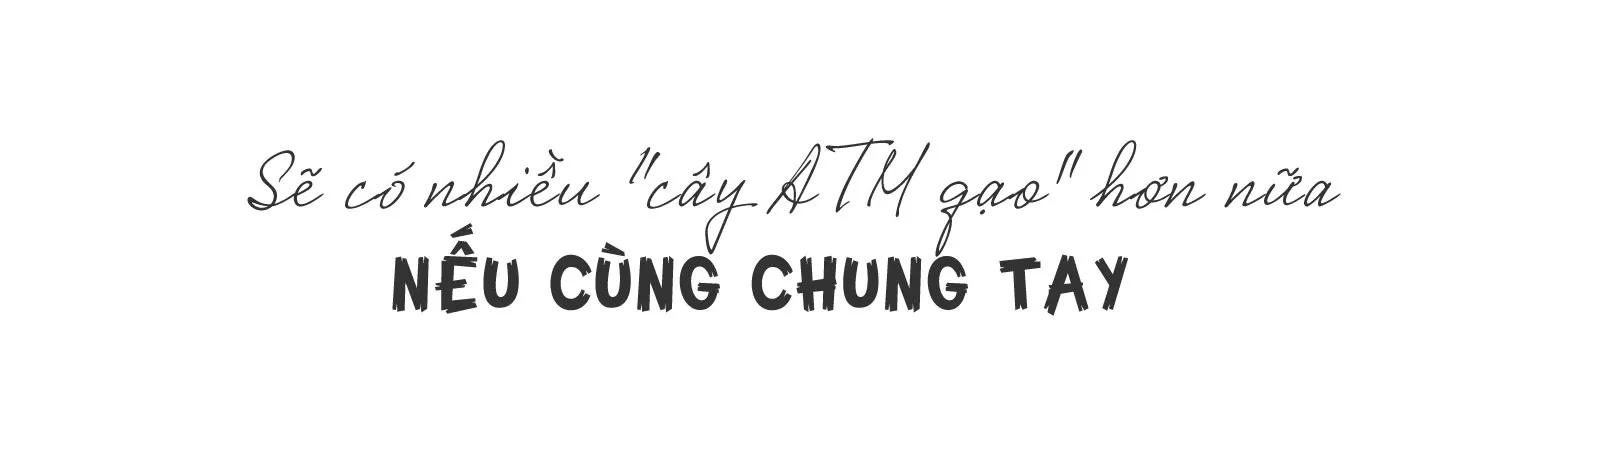 """[eMagazine] """"Bí mật"""" của Hoàng Tuấn Anh - ông chủ """"ATM gạo"""" từ thiện đình đám - 14"""